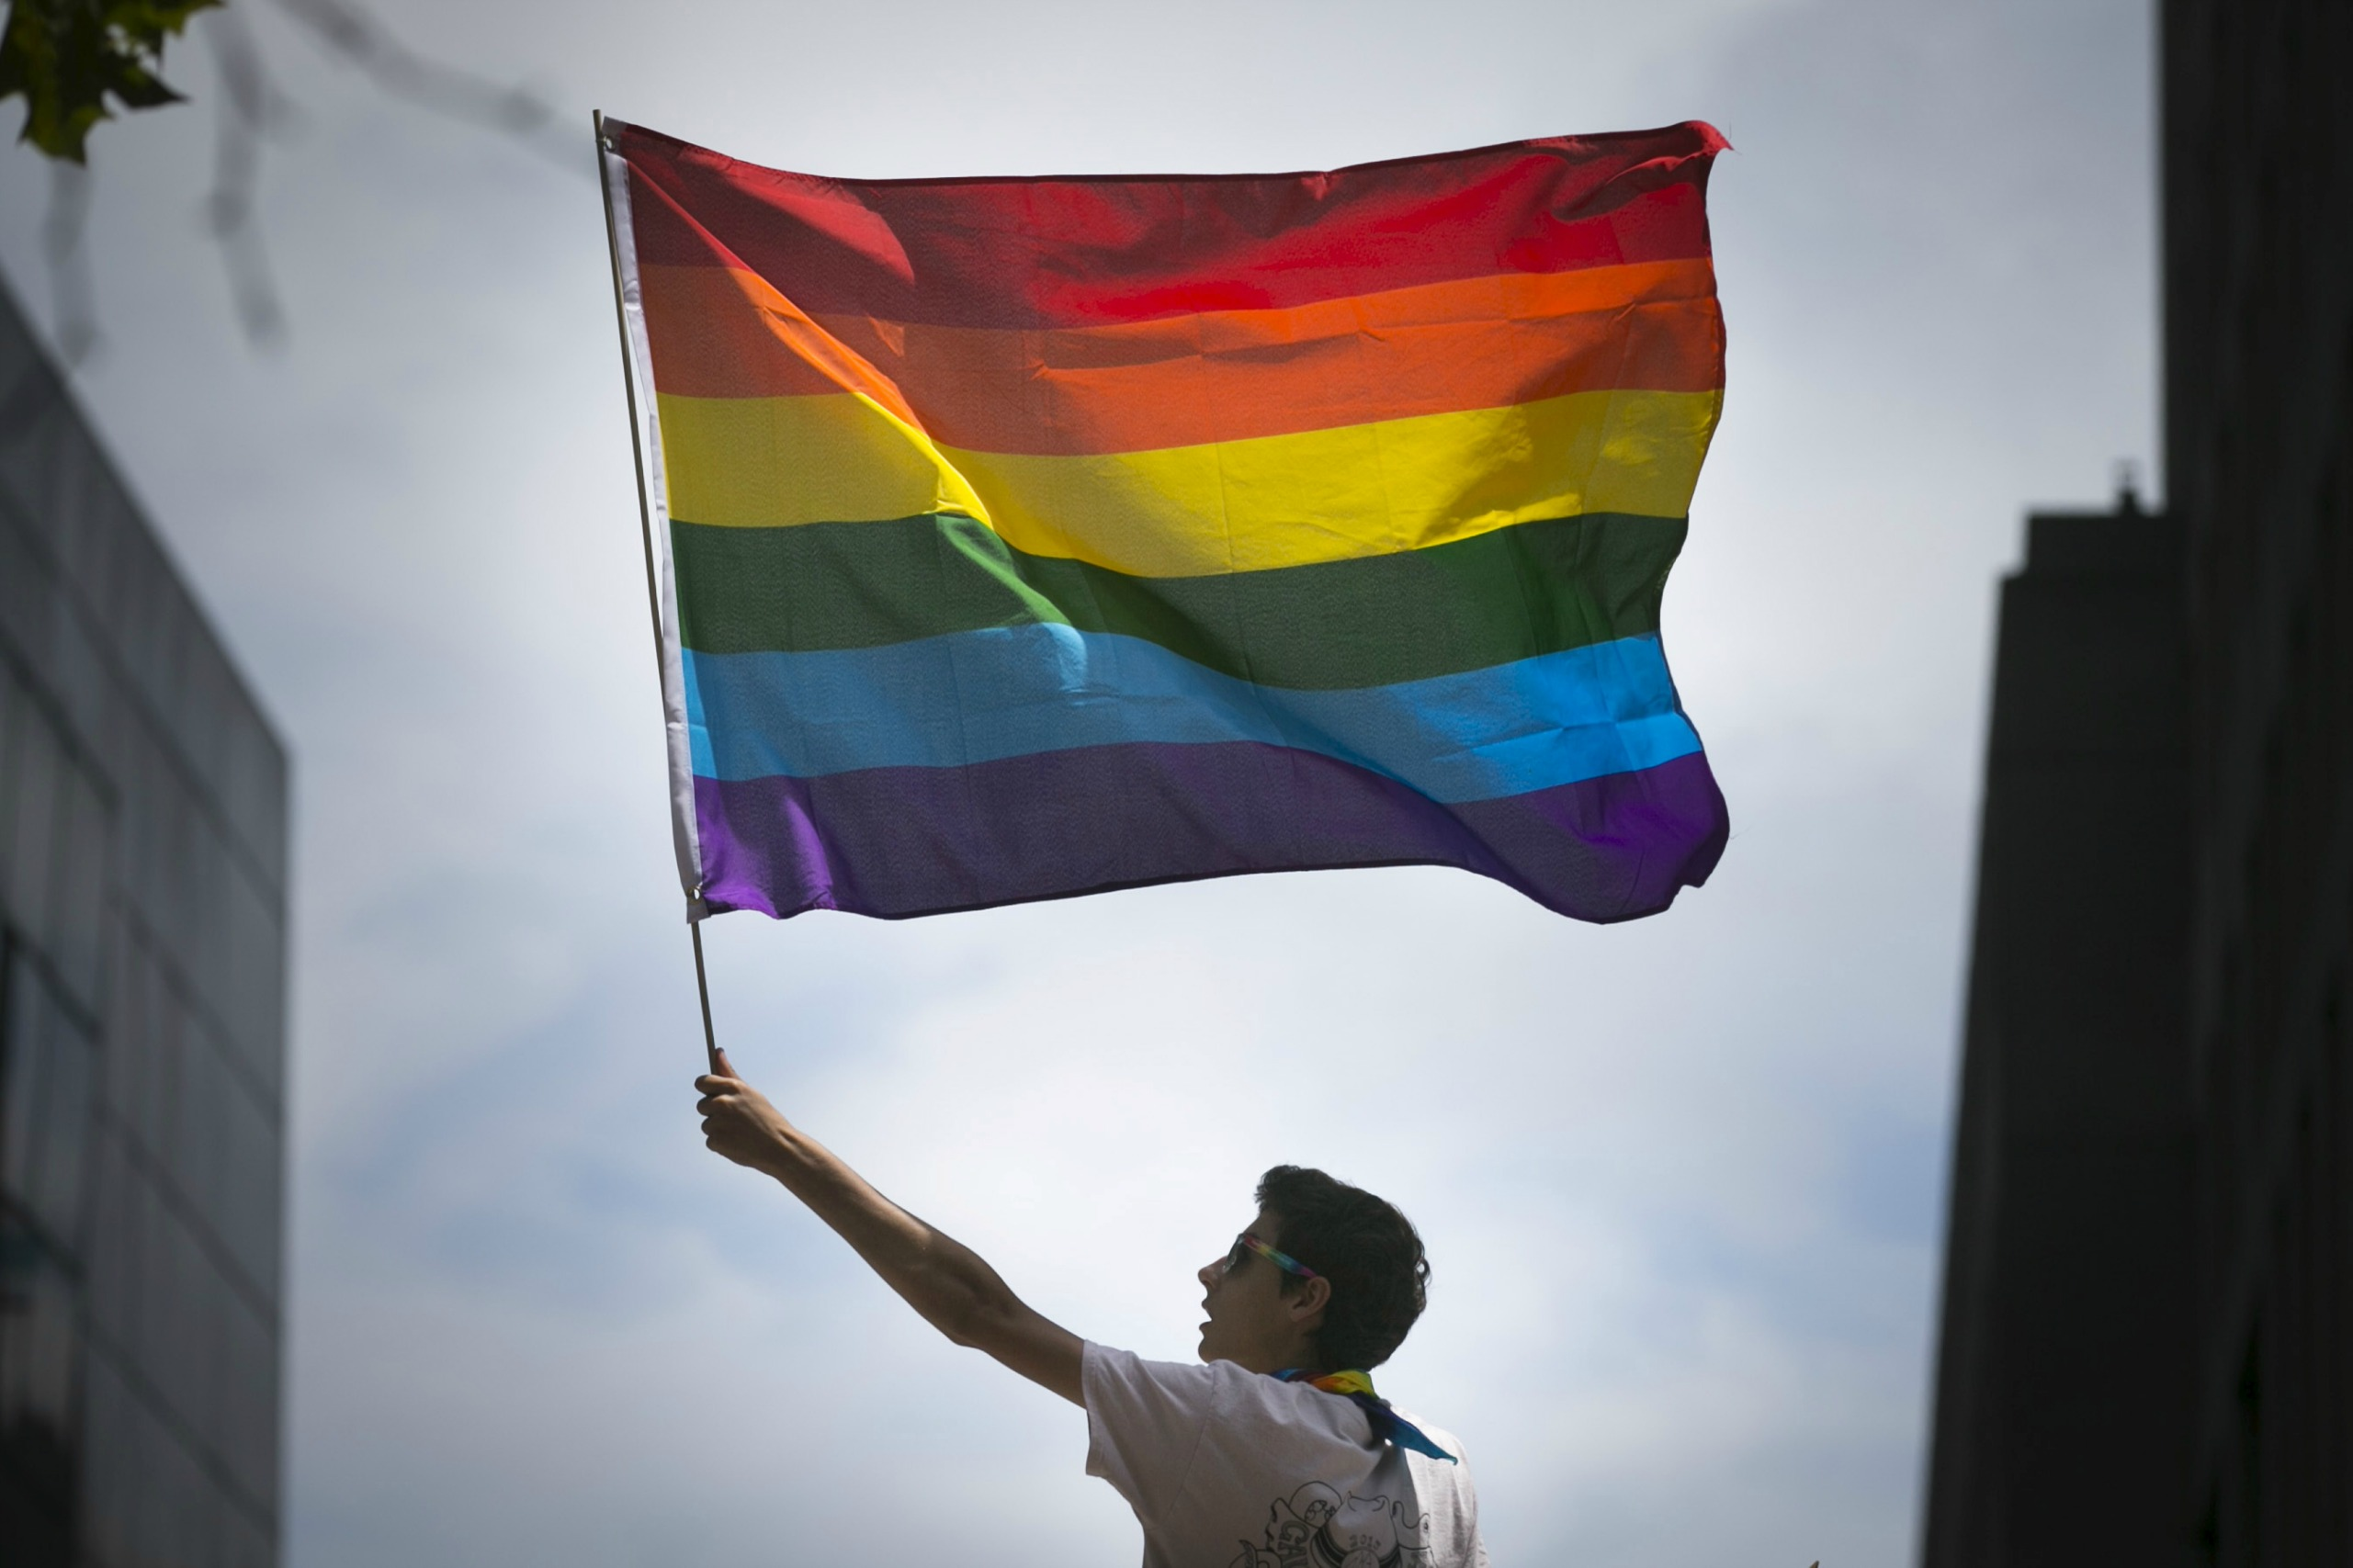 Рейтинг: вкаких отелях уважают права геев илесбиянок?